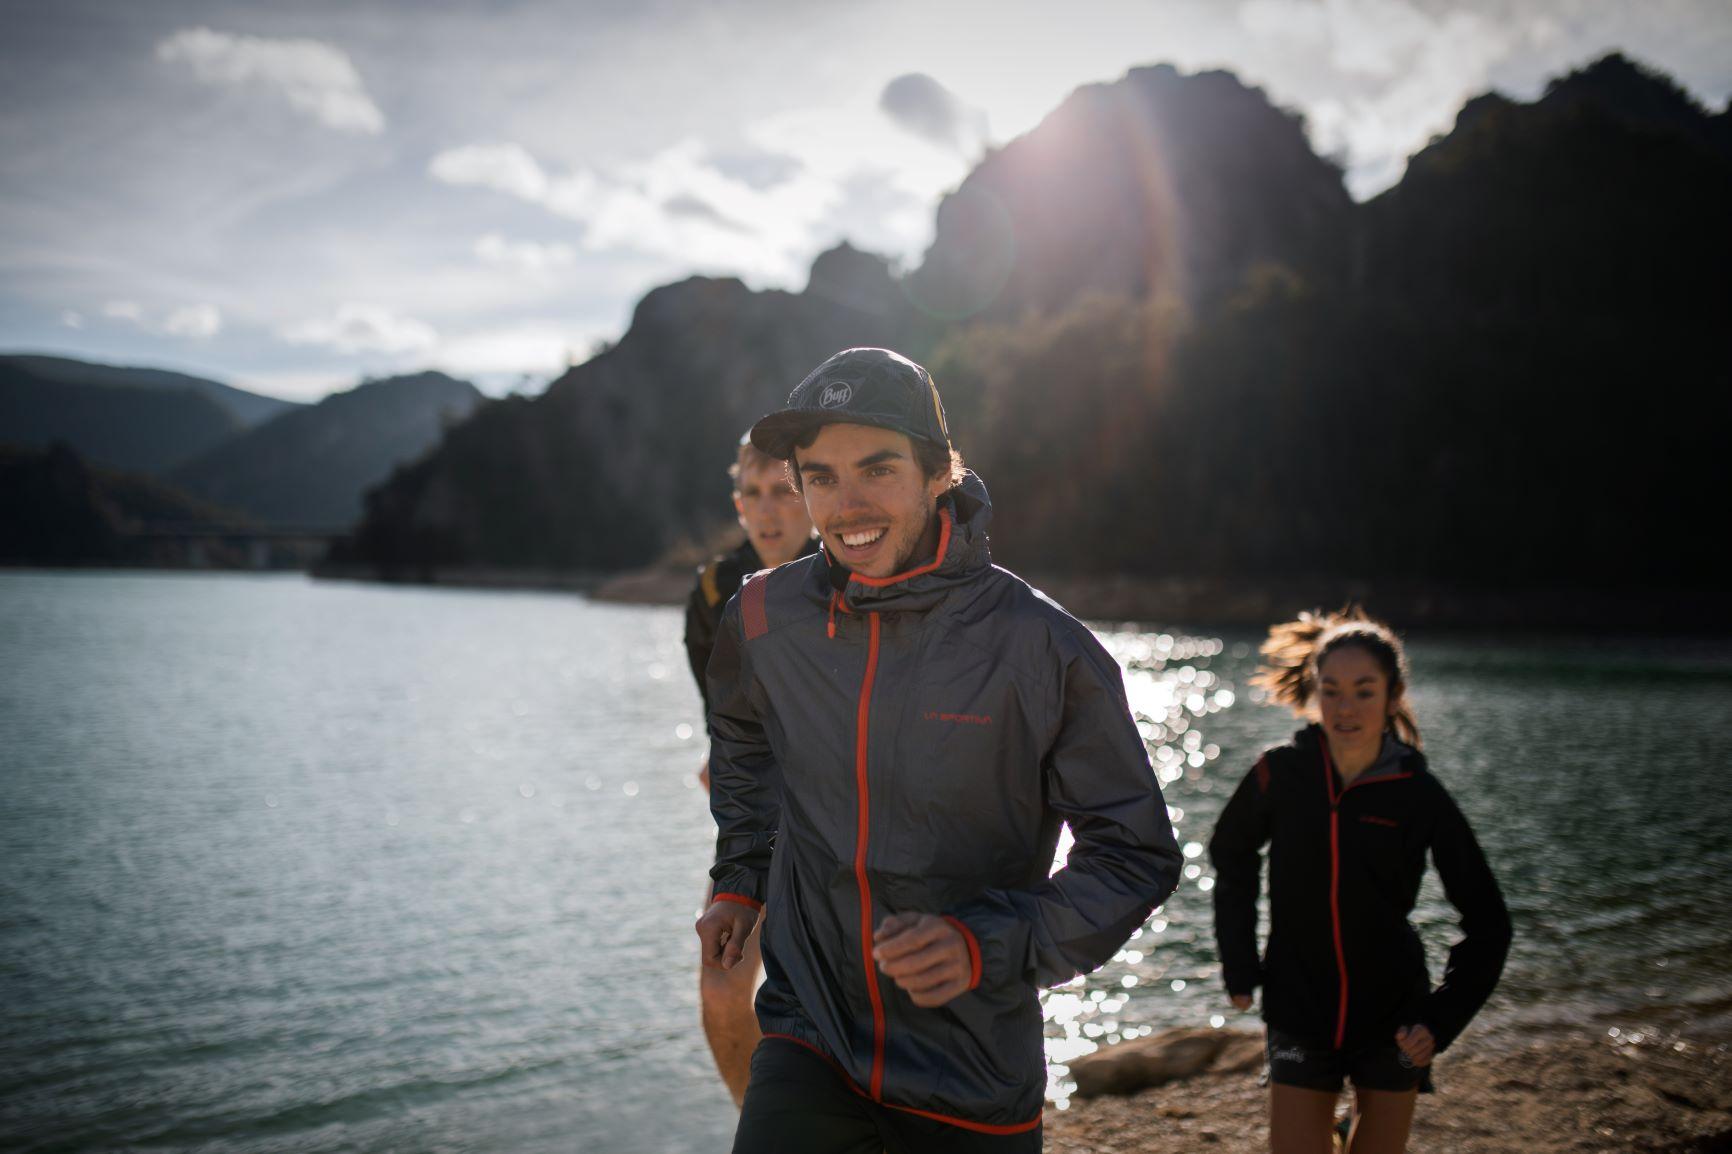 La Sportiva Mountain Running Team e i suoi tre nuovi trail runner di caratura mondiale!